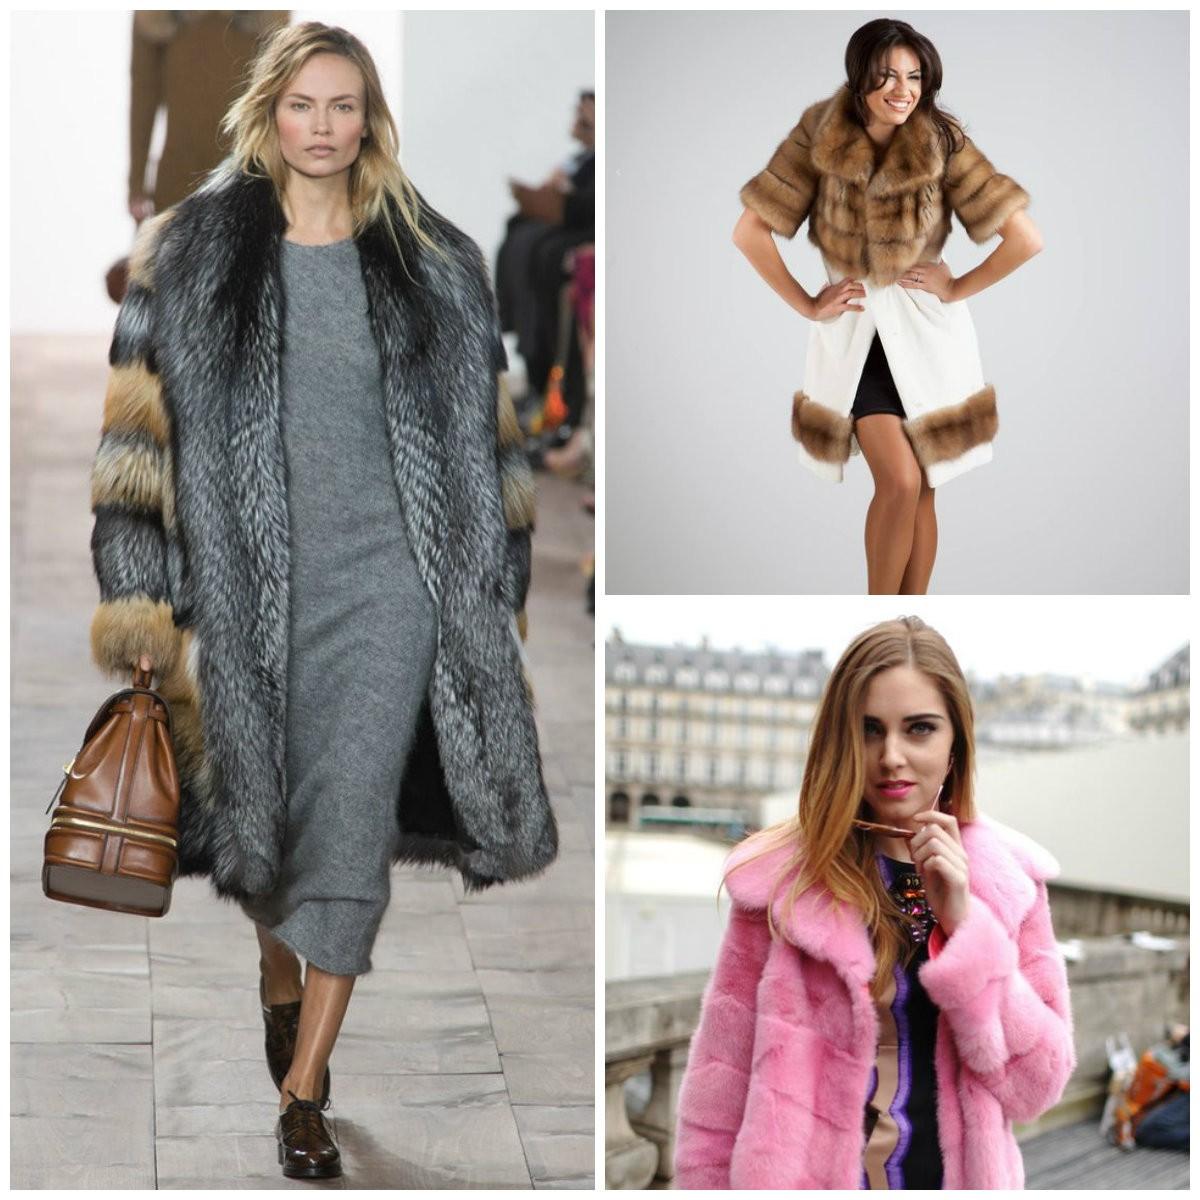 модные тренды осень зима 2017 2018, шубы для женщин